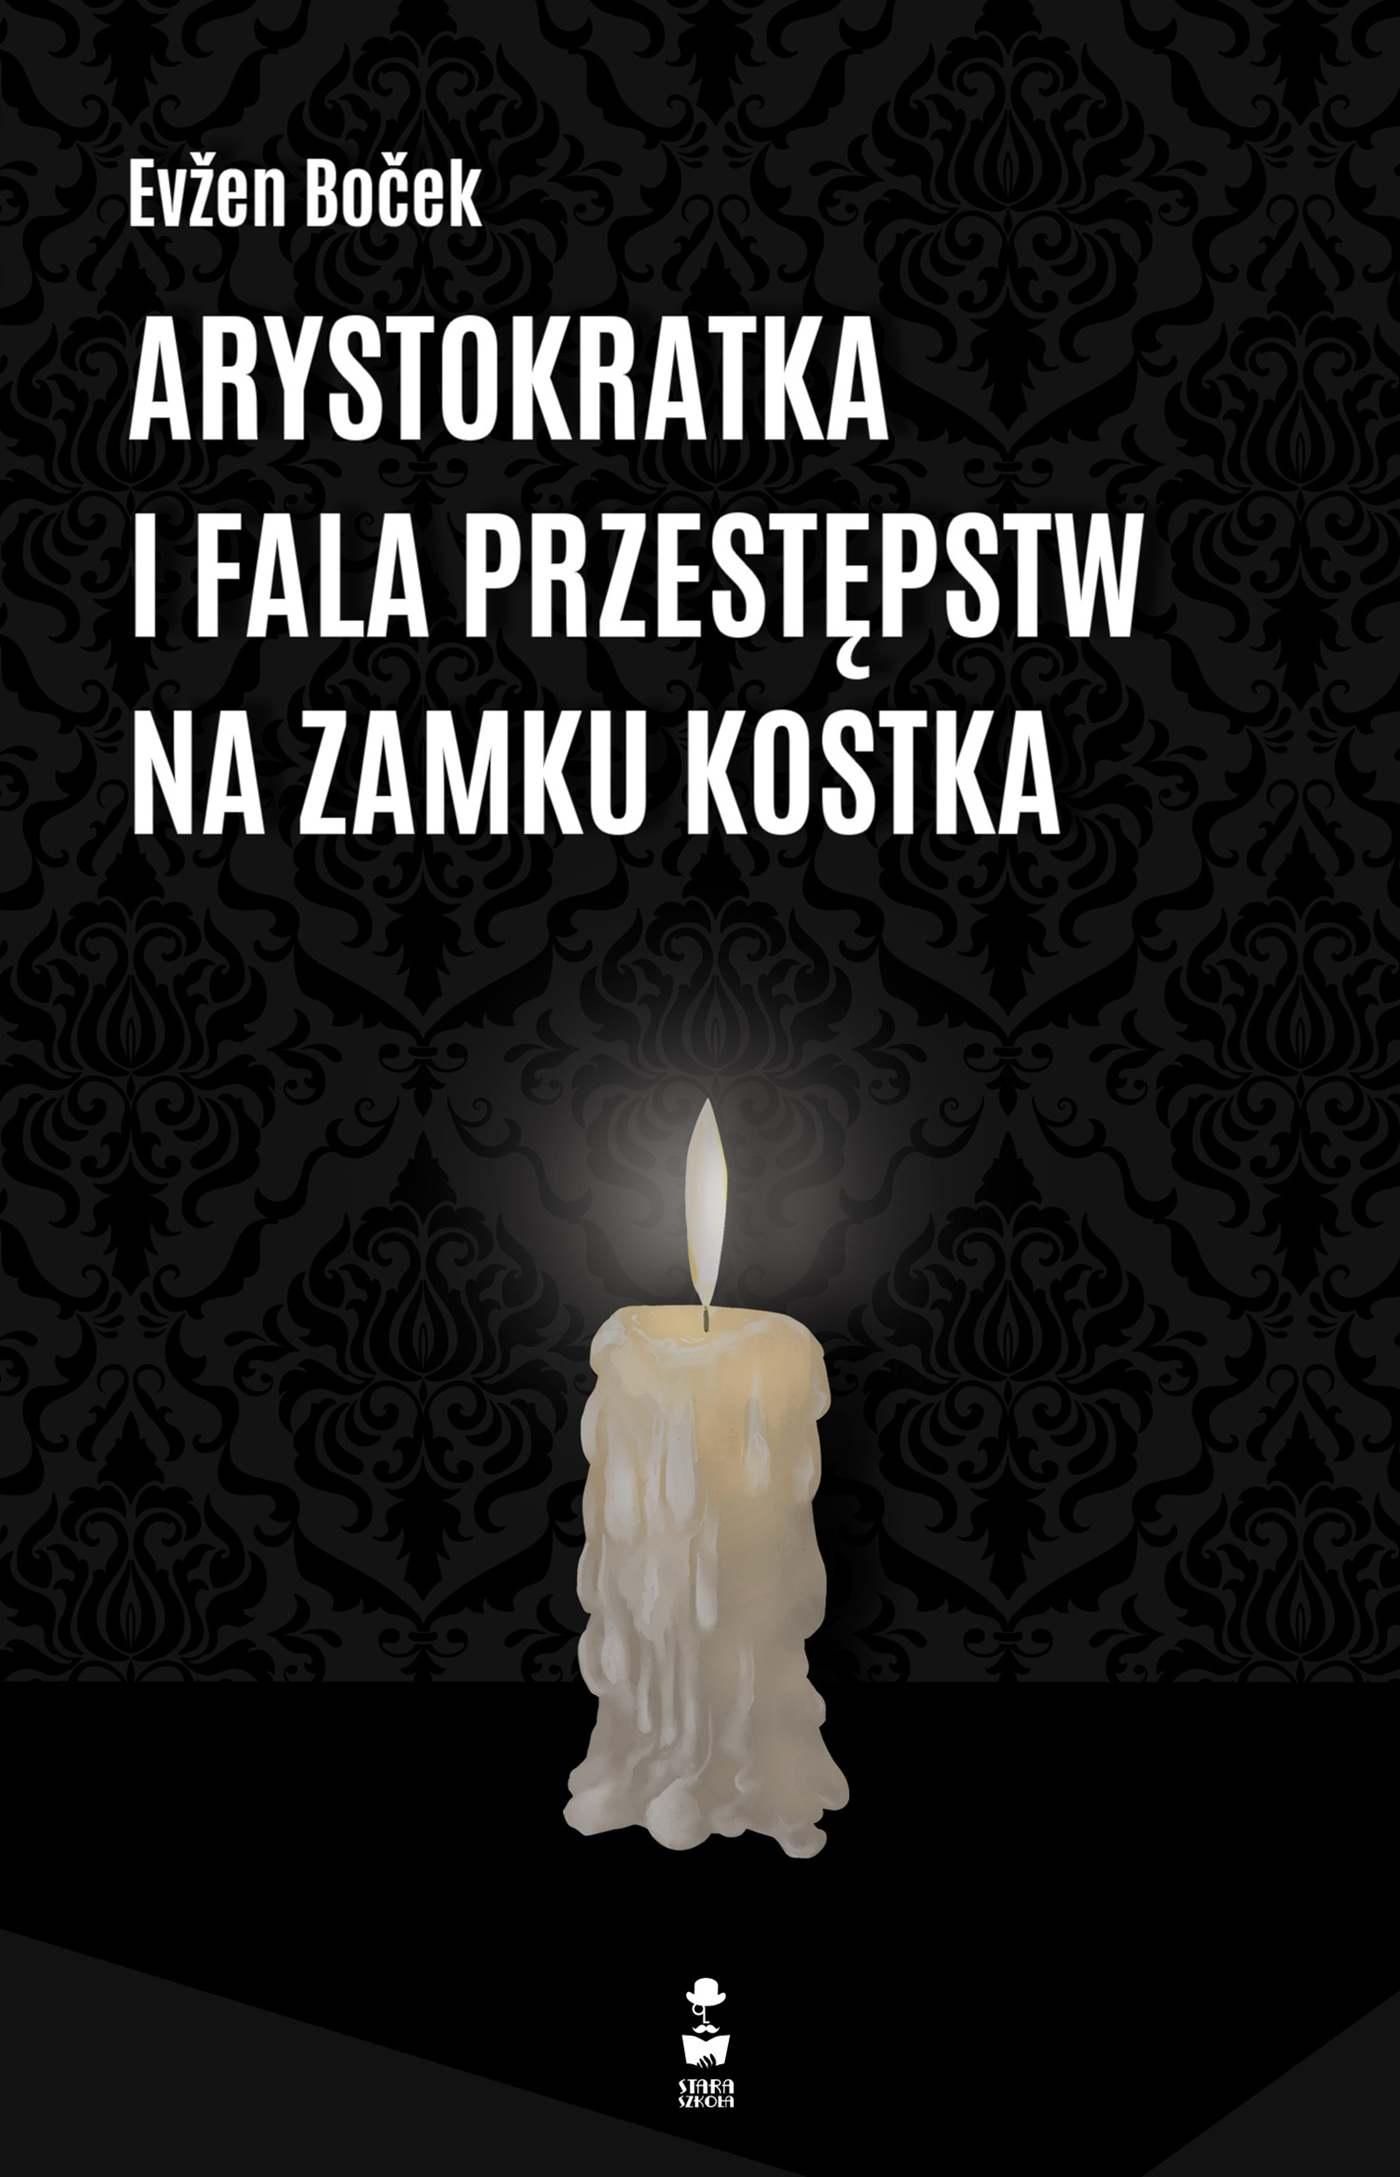 Arystokratka i fala przestępstw na zamku Kostka - Ebook (Książka na Kindle) do pobrania w formacie MOBI